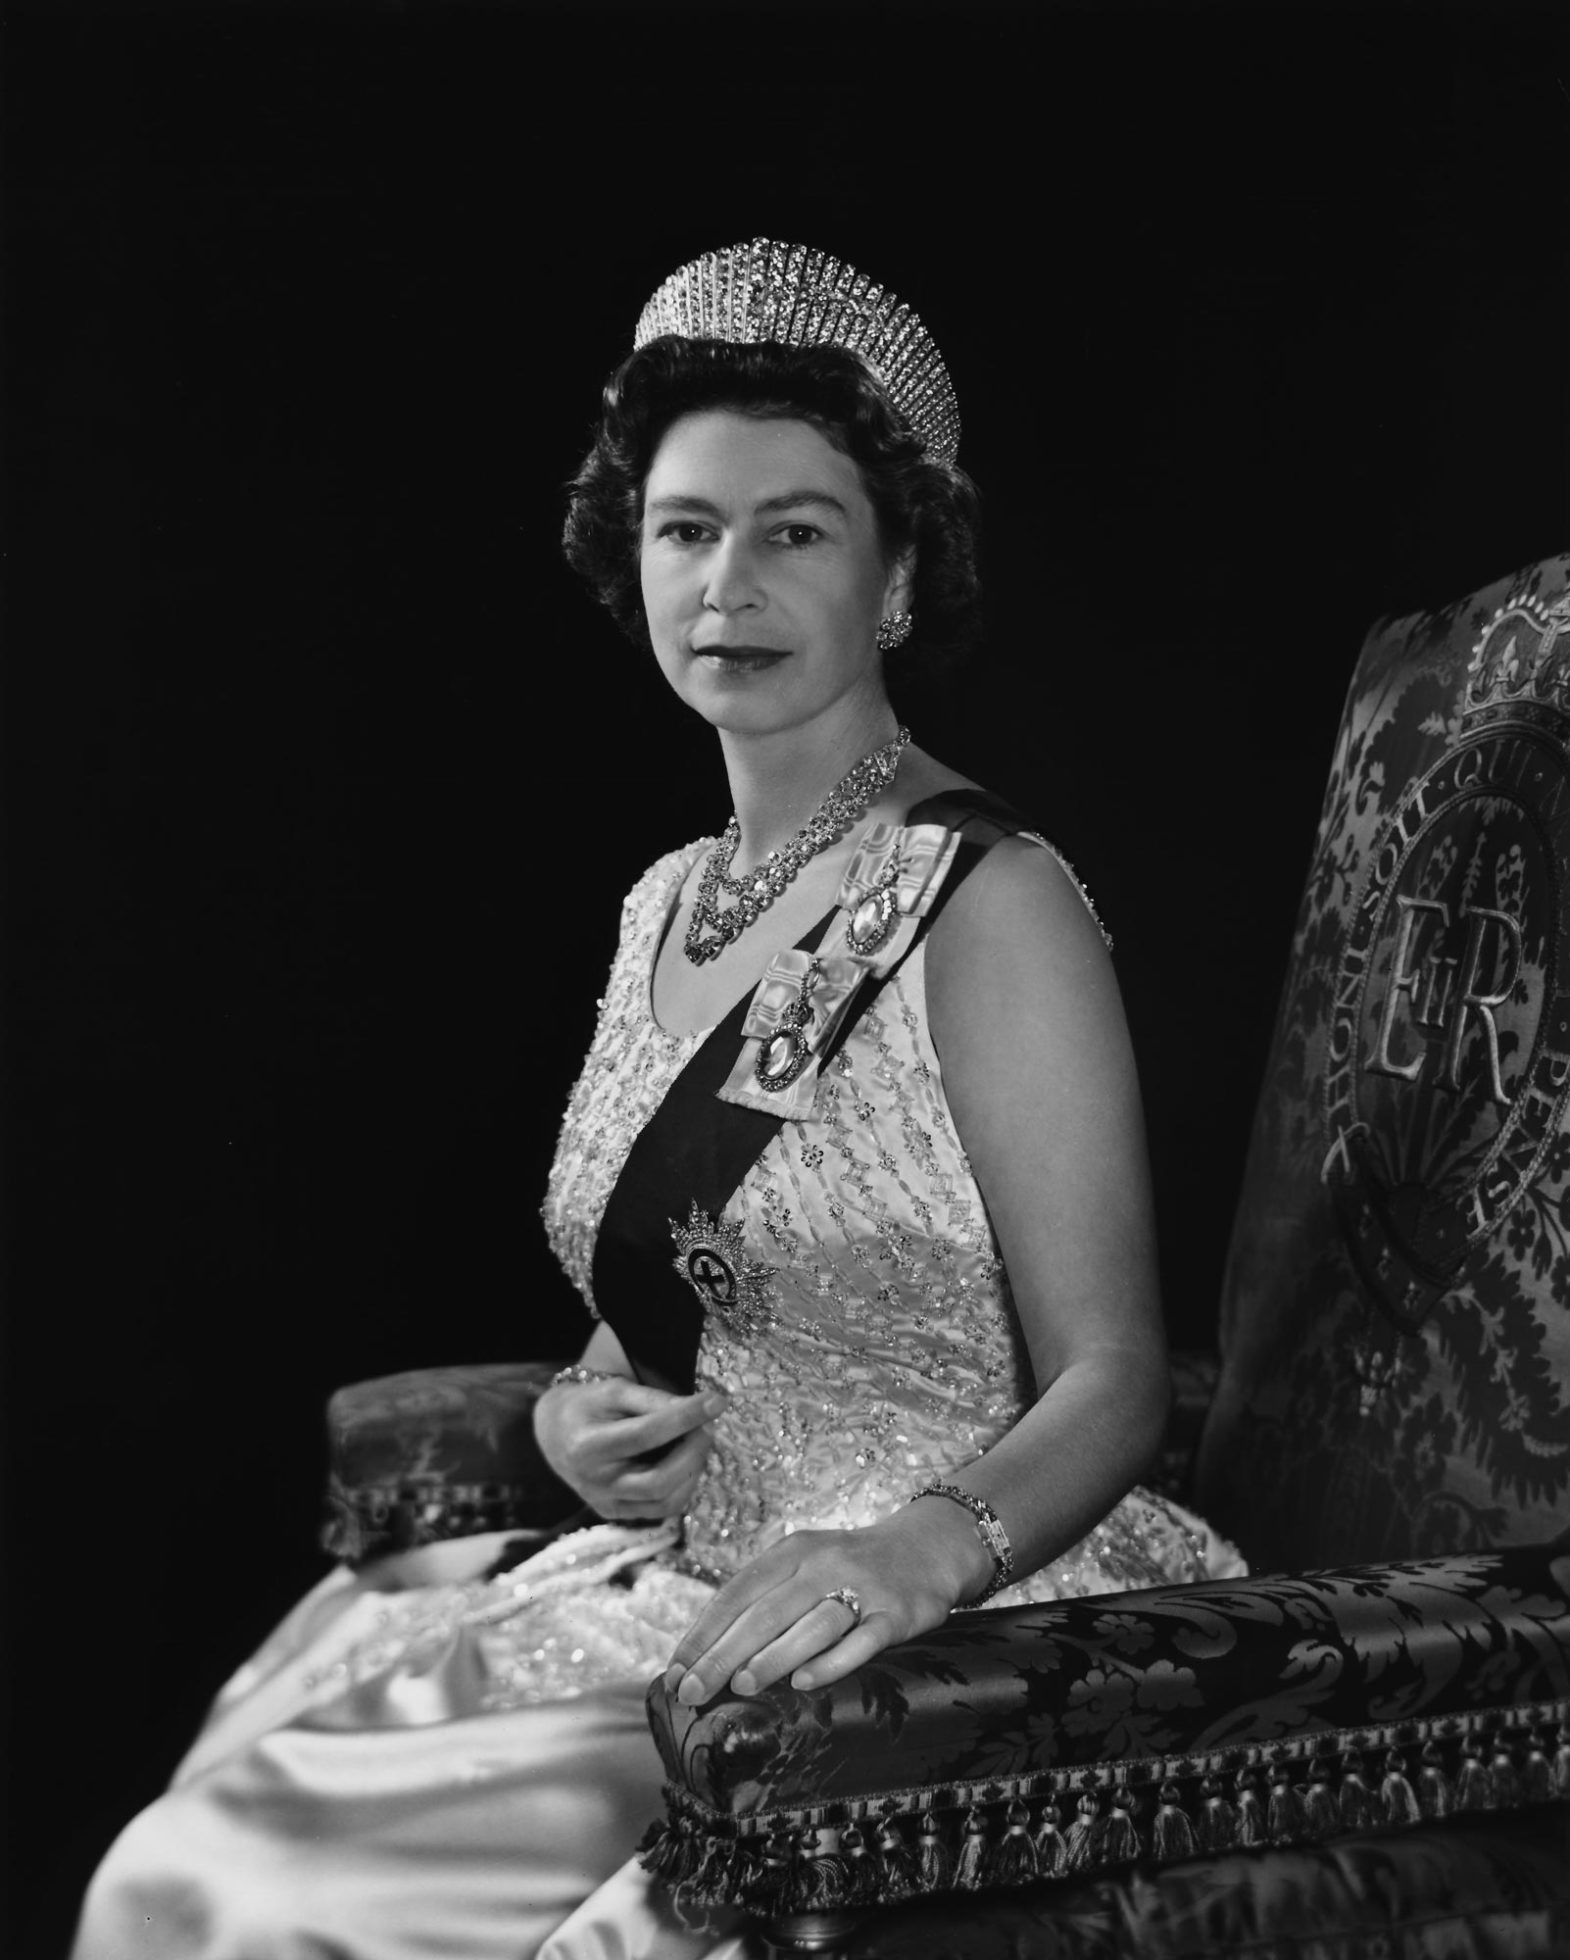 Fotó: Yousuf Karsh: II. Erzsébet brit királynő, 1966 © Yousuf Karsh